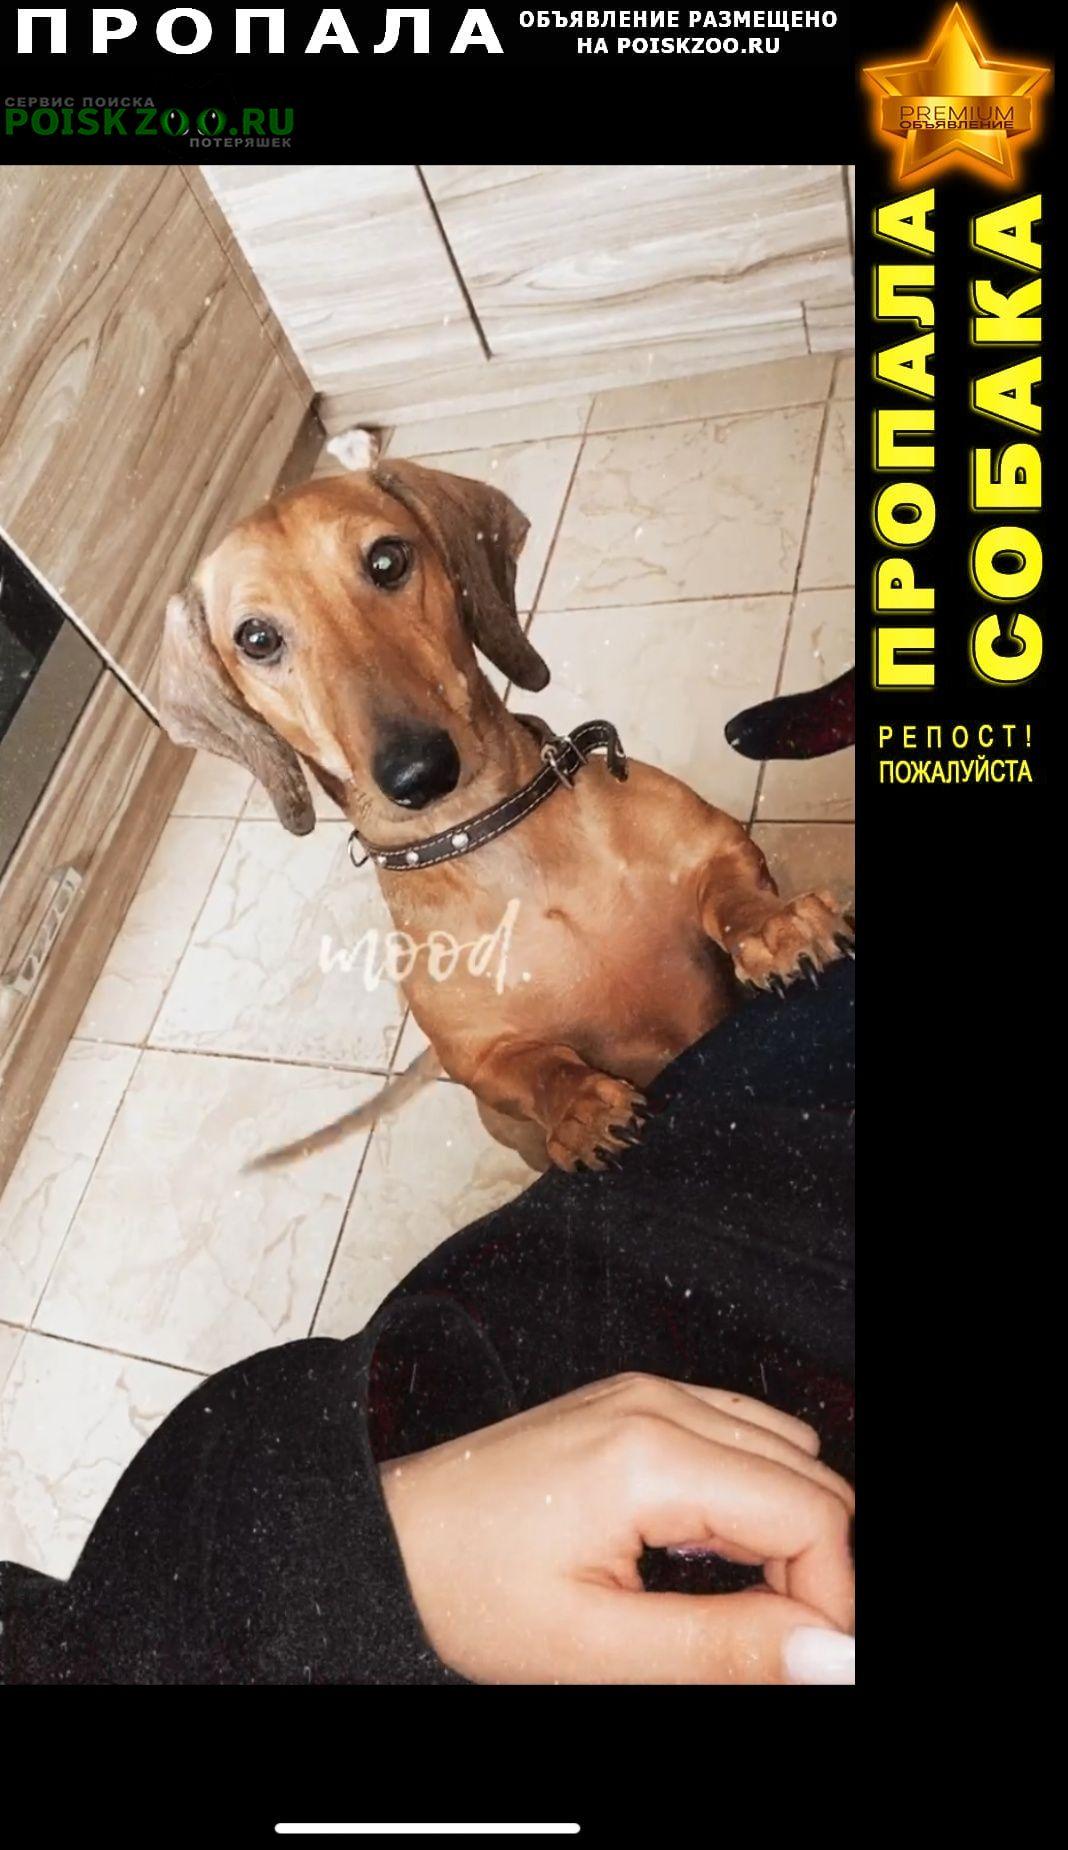 Пропала собака в районе станции амурский залив г.Владивосток